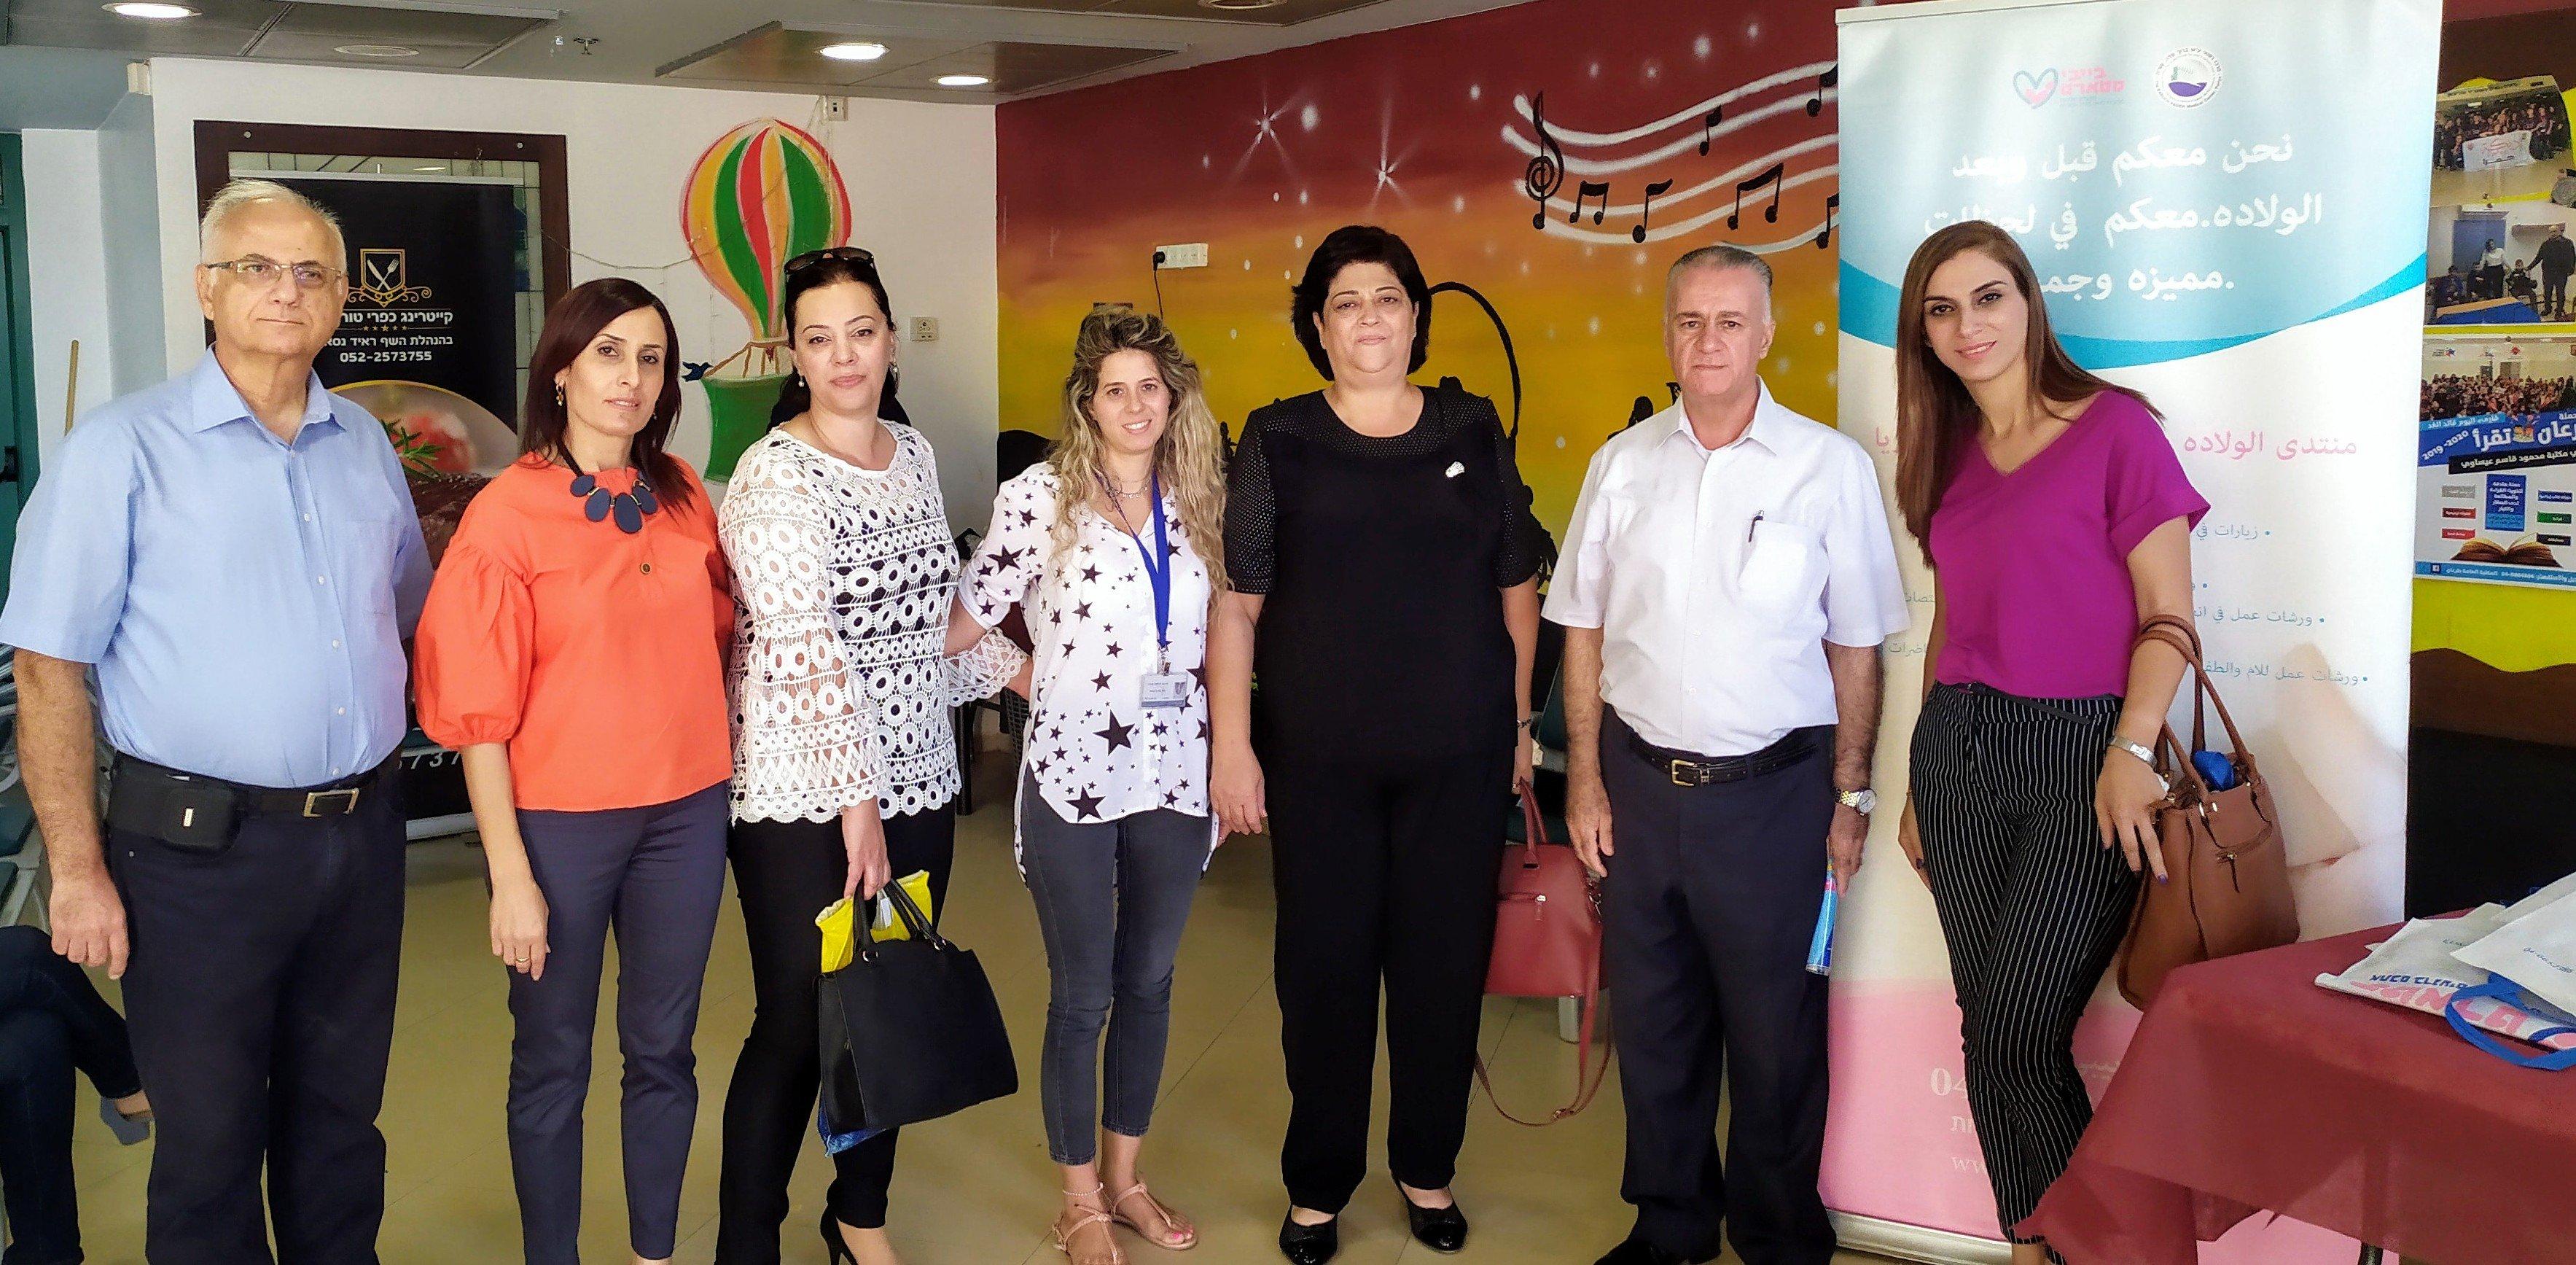 عُقد المؤتمر الأول للنساء الحوامل والنساء بعد الولادة في المركز الجماهيري طرعان